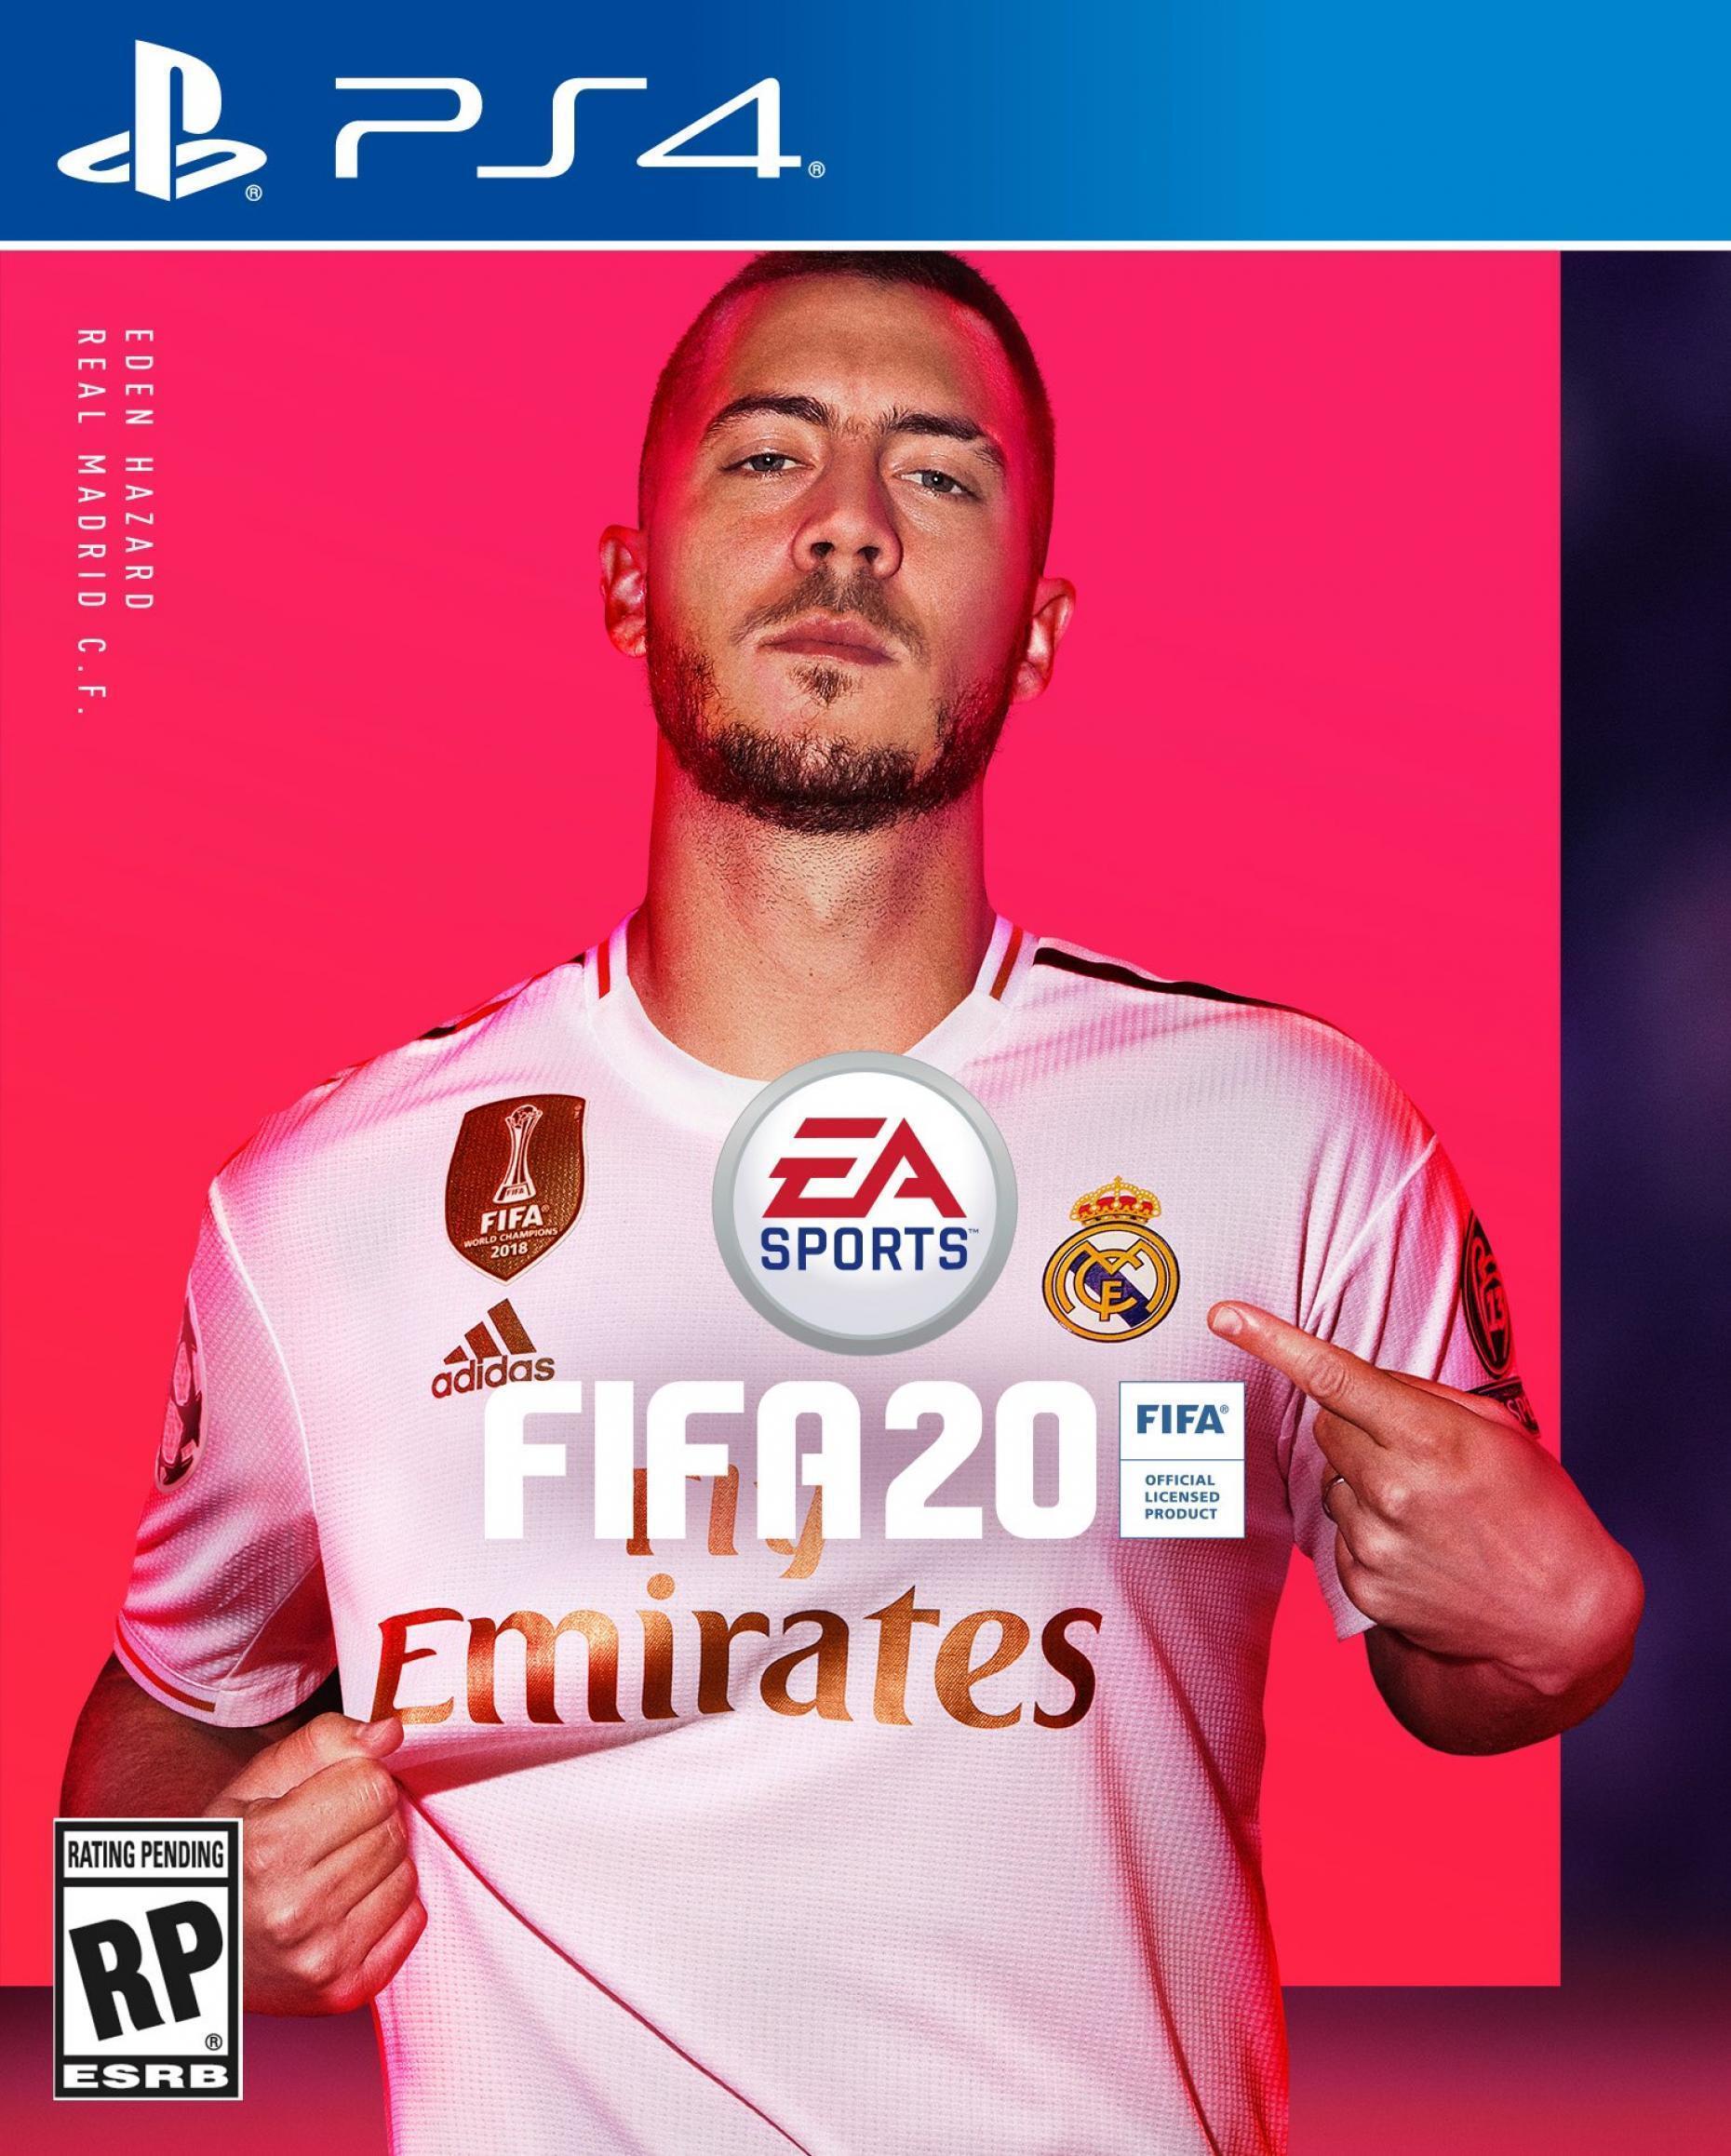 اکانت قانونی بازی FIFA 20 برای PS4 | ریجن 1